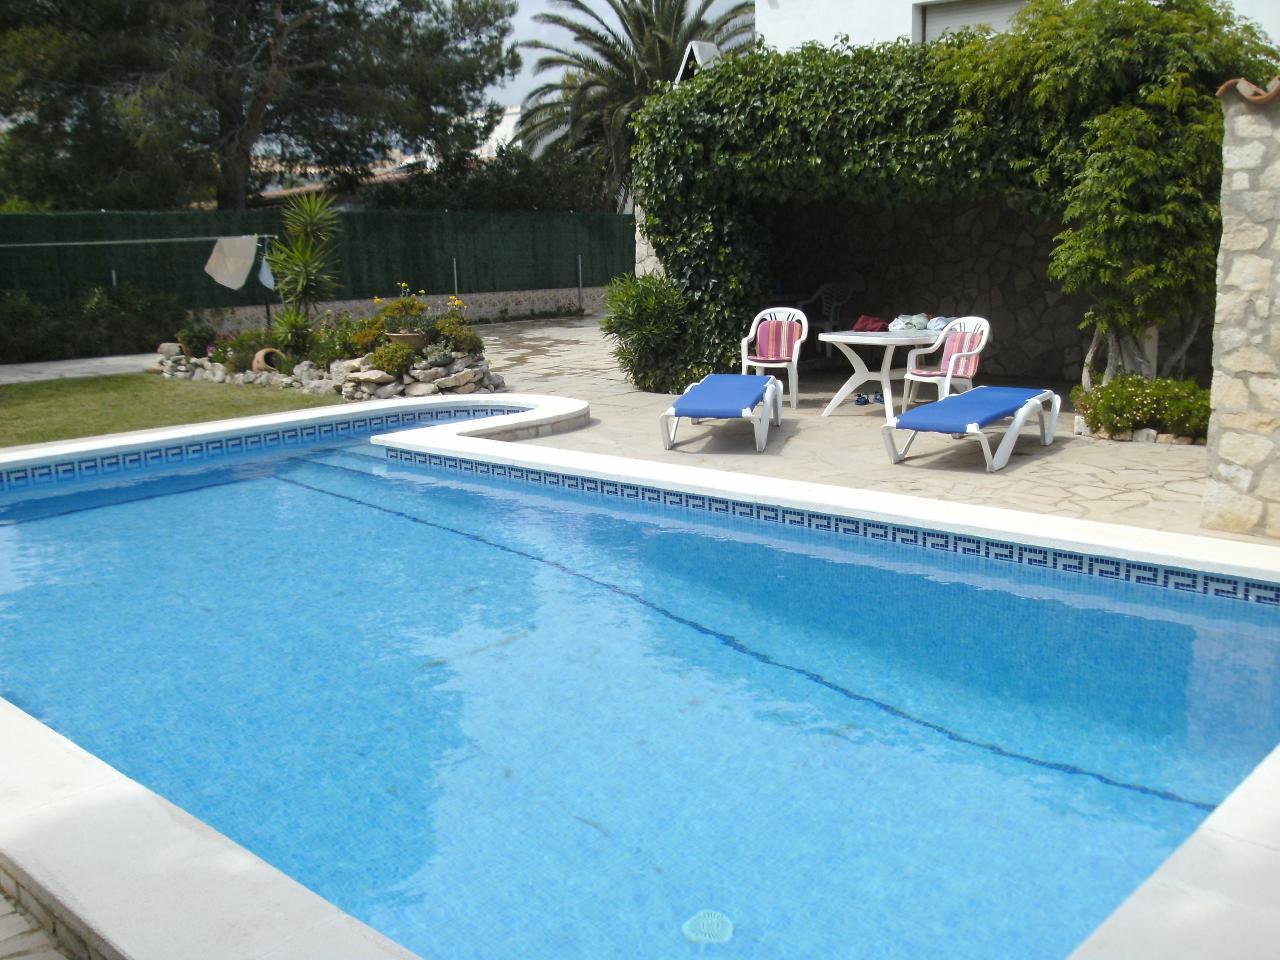 Ferienhaus mit WiFi Privat-Pool ohne Einsicht gute Preise (1901111), L'Ametlla de Mar, Costa Dorada, Katalonien, Spanien, Bild 1